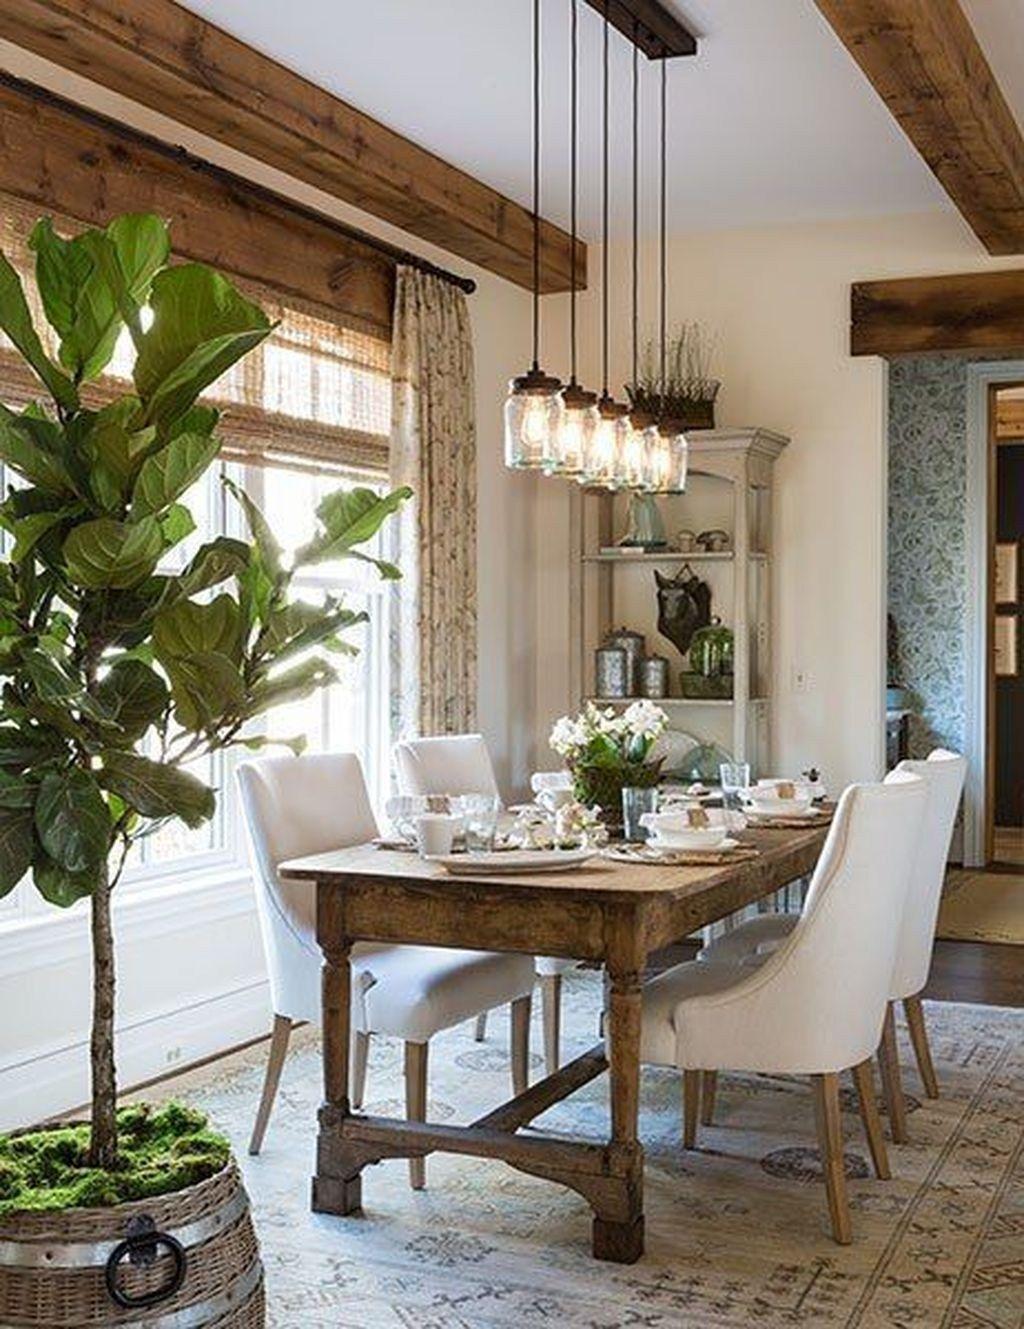 30+ Modern Farmhouse Dining Room Decor Ideas - Hmdcr.com ... on Farmhouse Dining Room Curtains  id=32443